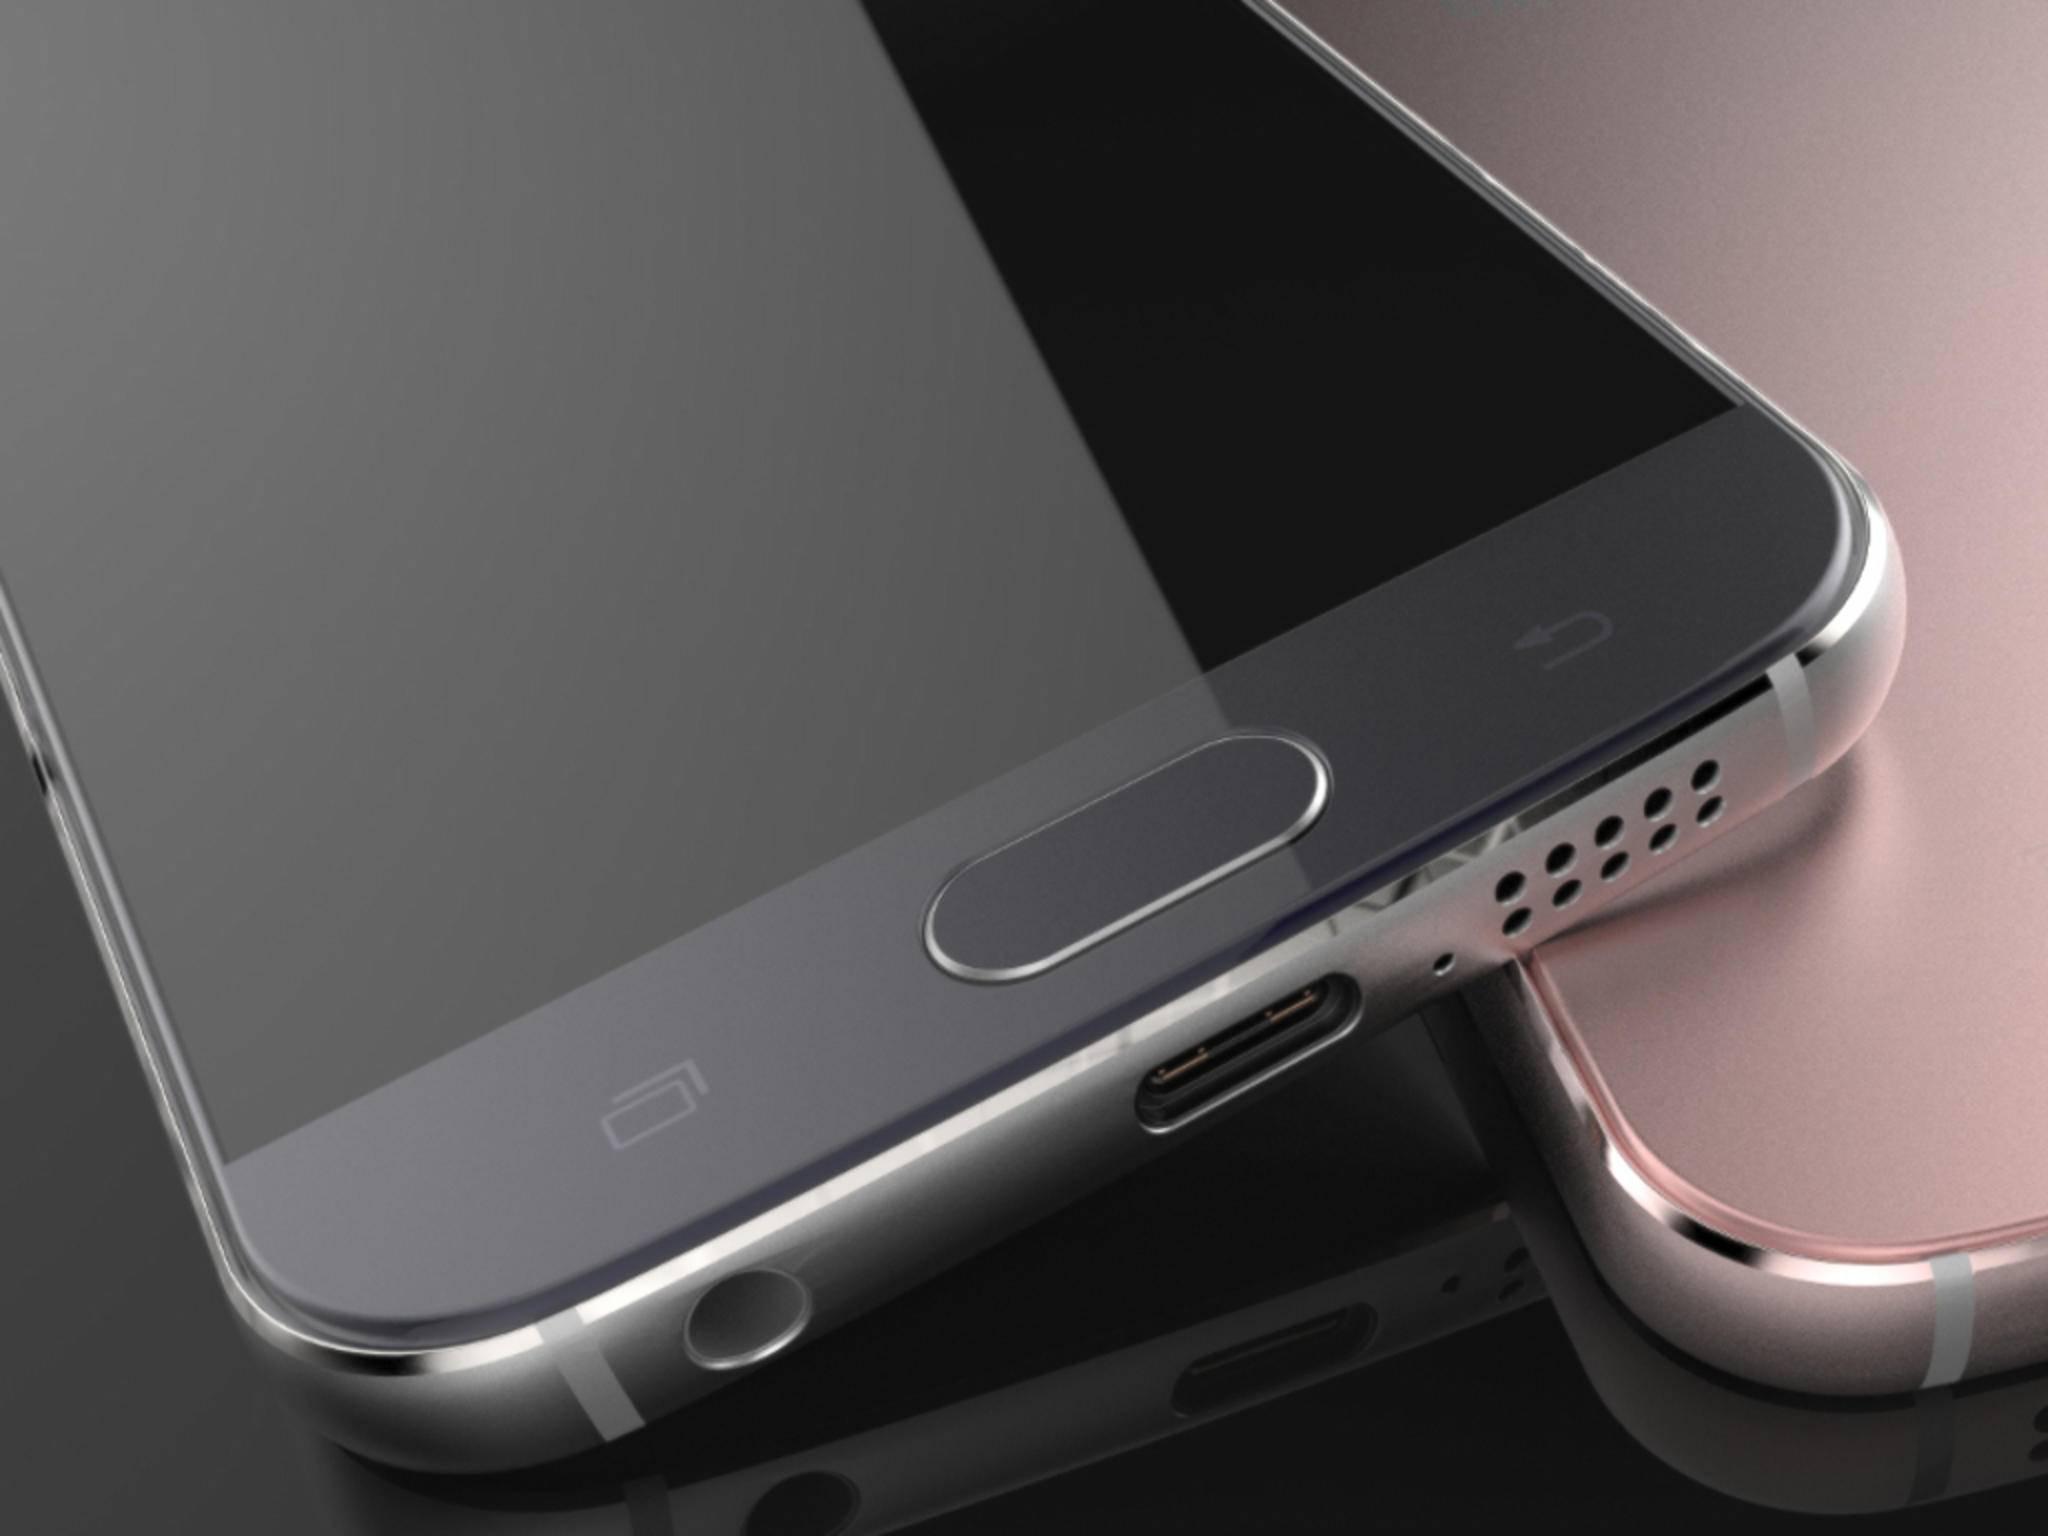 Das Samsung Galaxy S7: Jetzt sind die verschiedenen Farben und Hüllen durchgesickert.